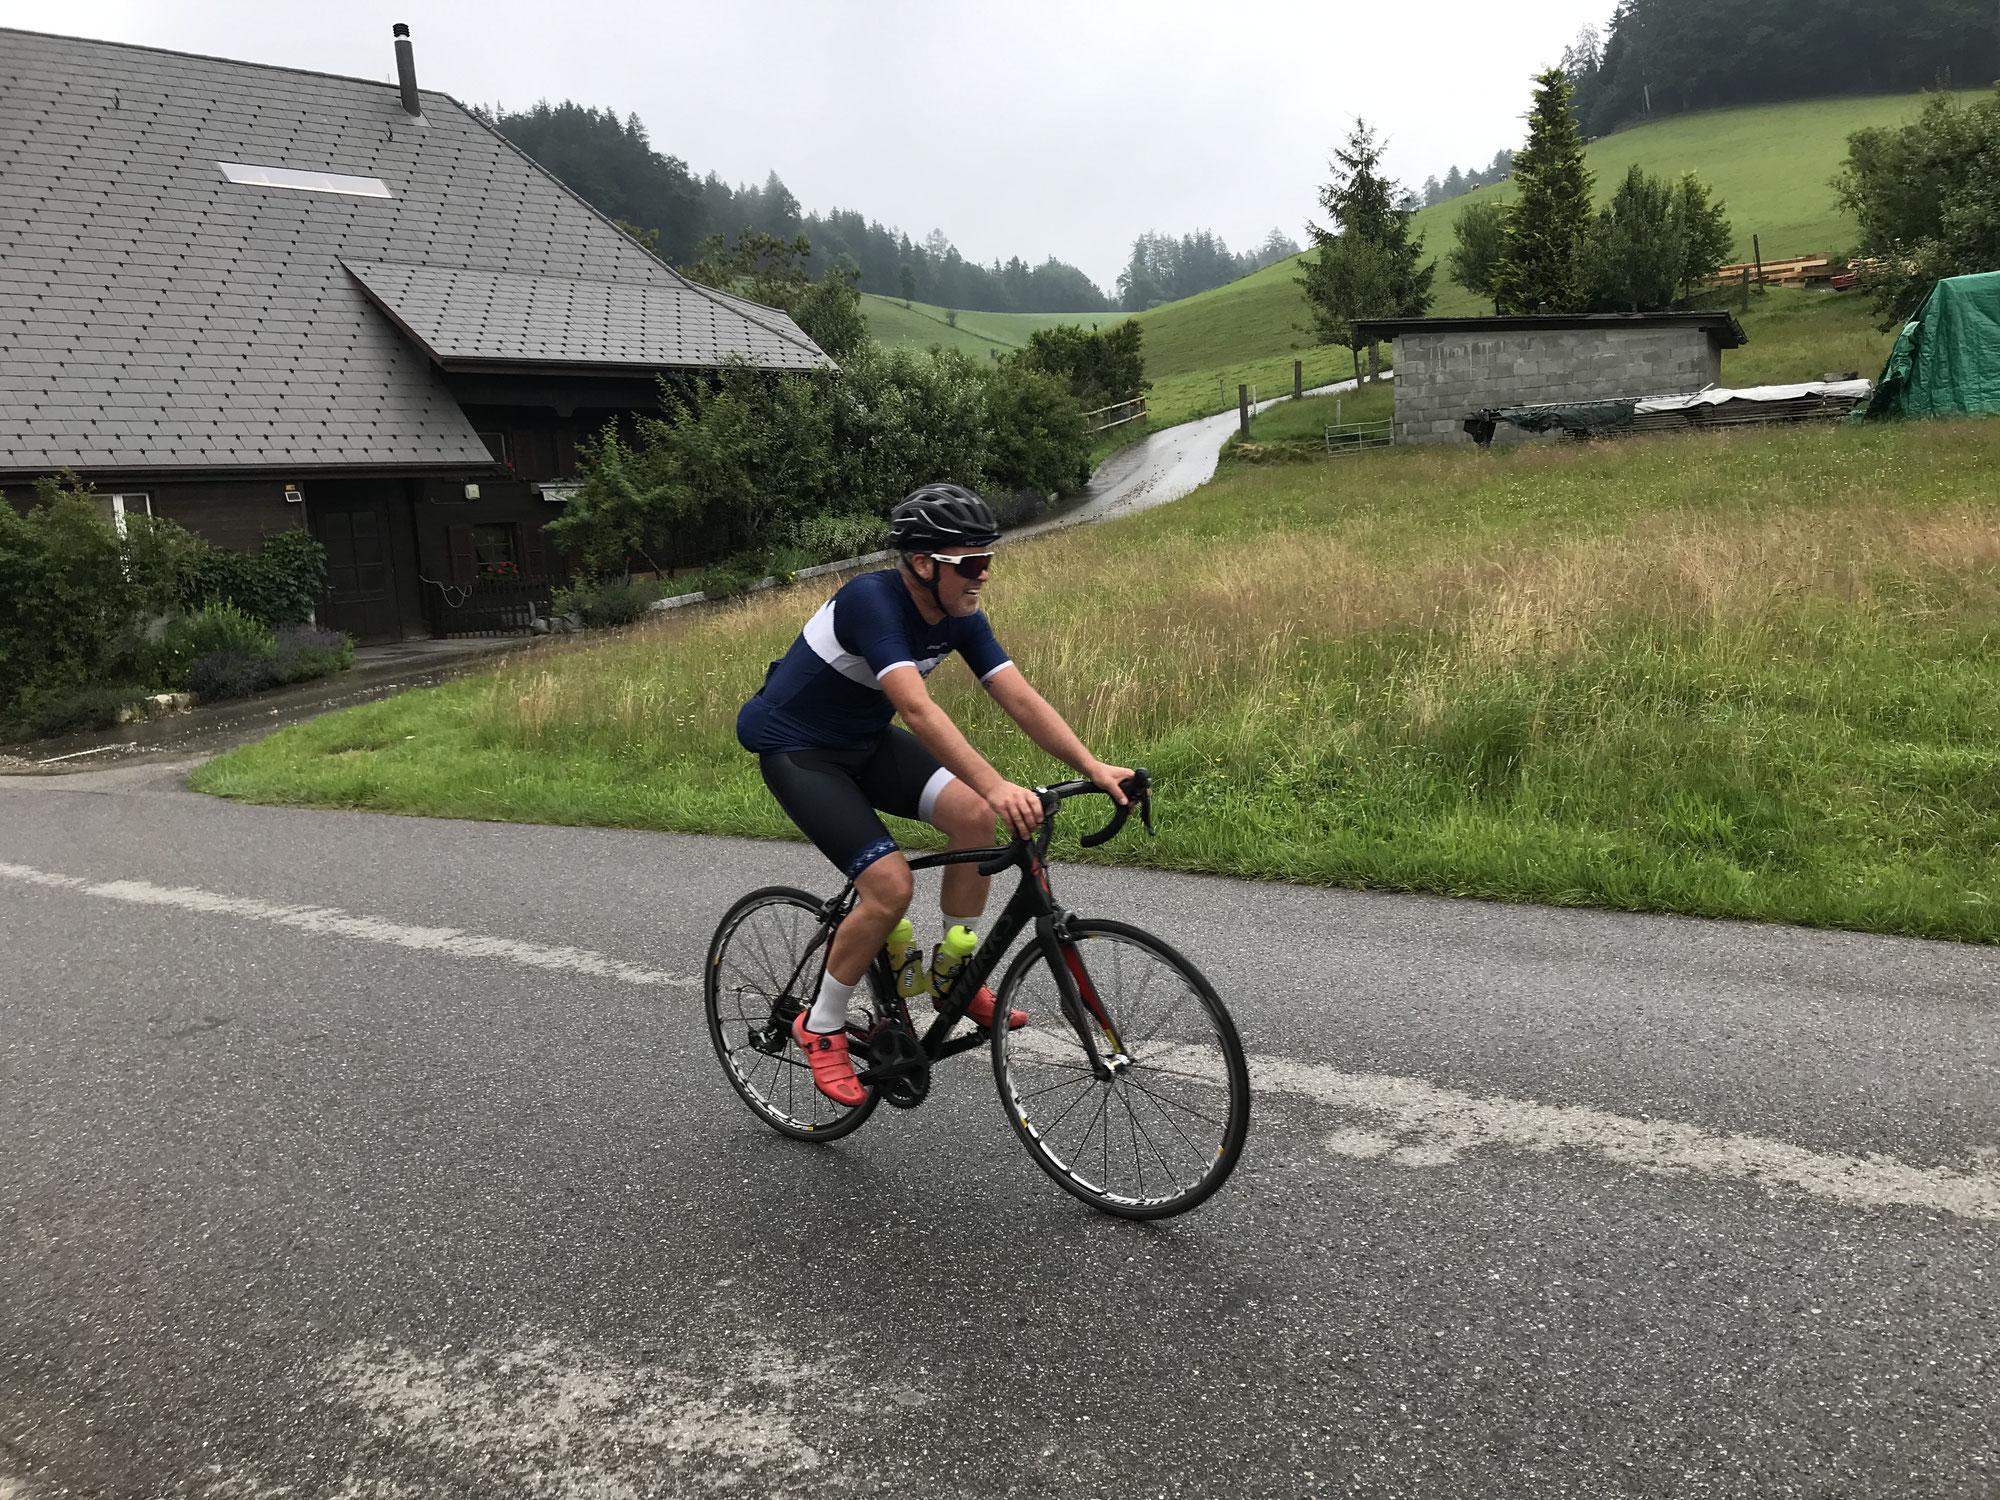 Schweiss, Pasta und Tour de France